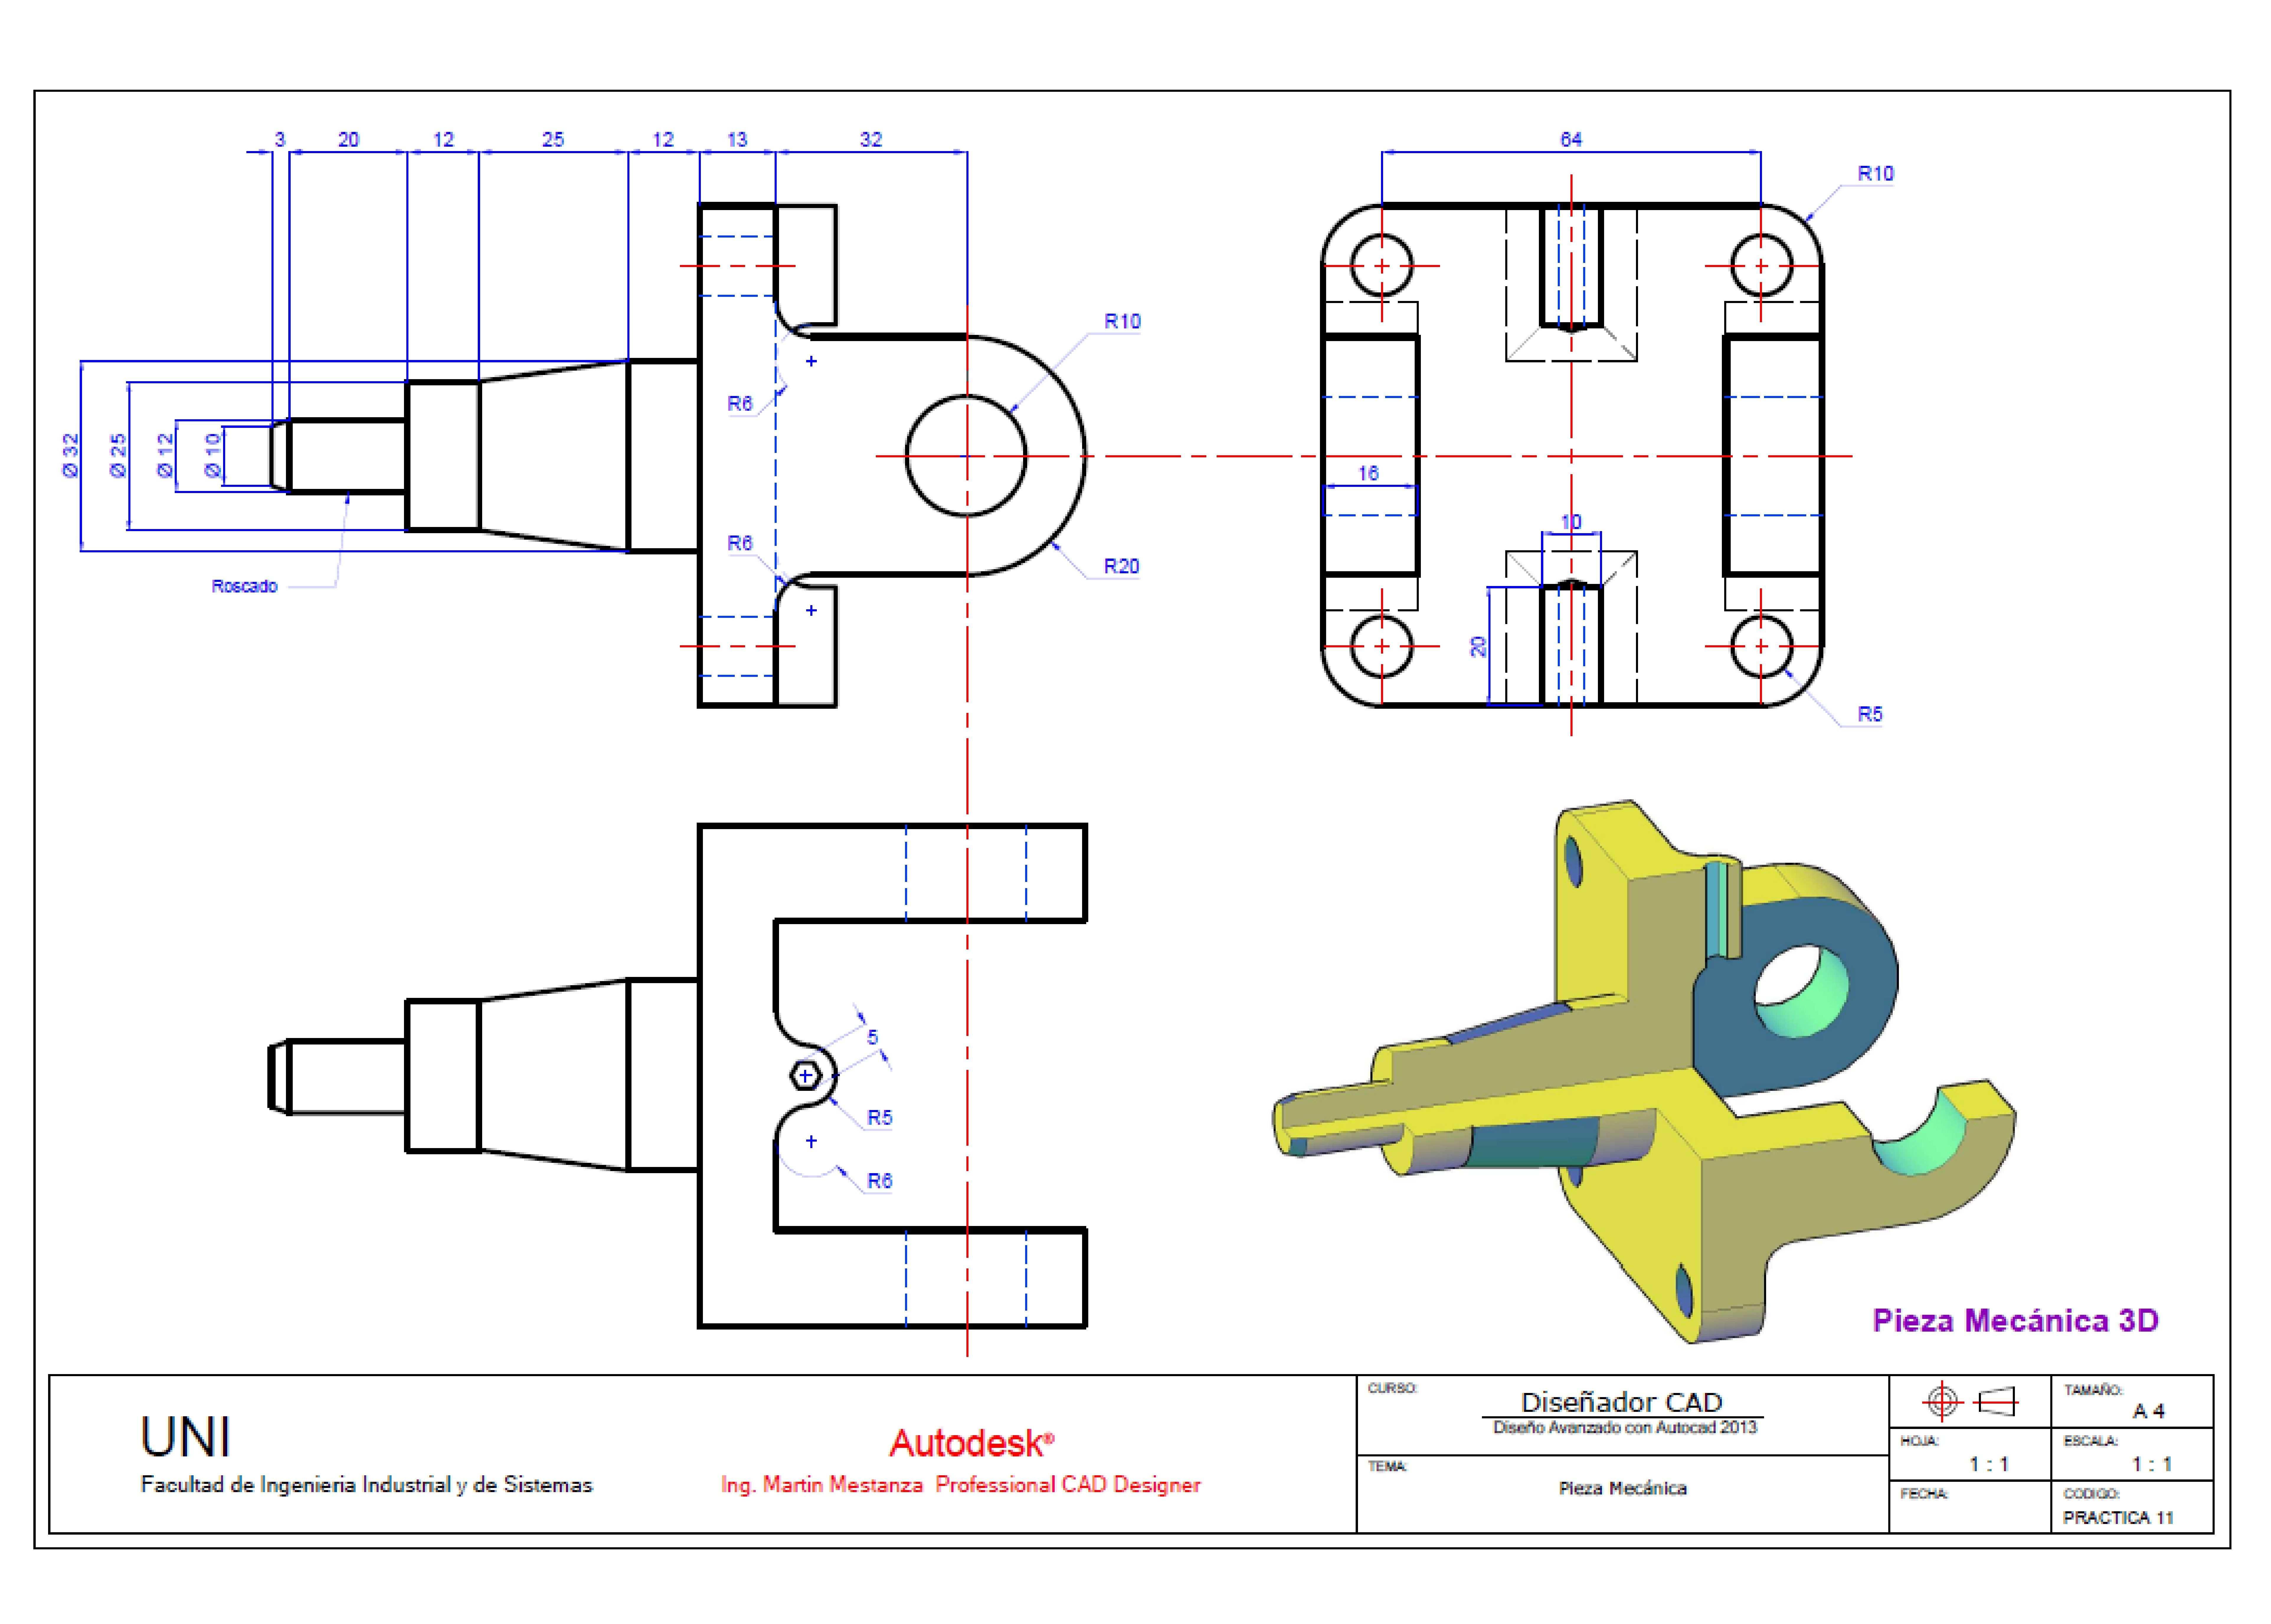 Practica Calificada Disegni 3d Disegno Tecnico Disegni